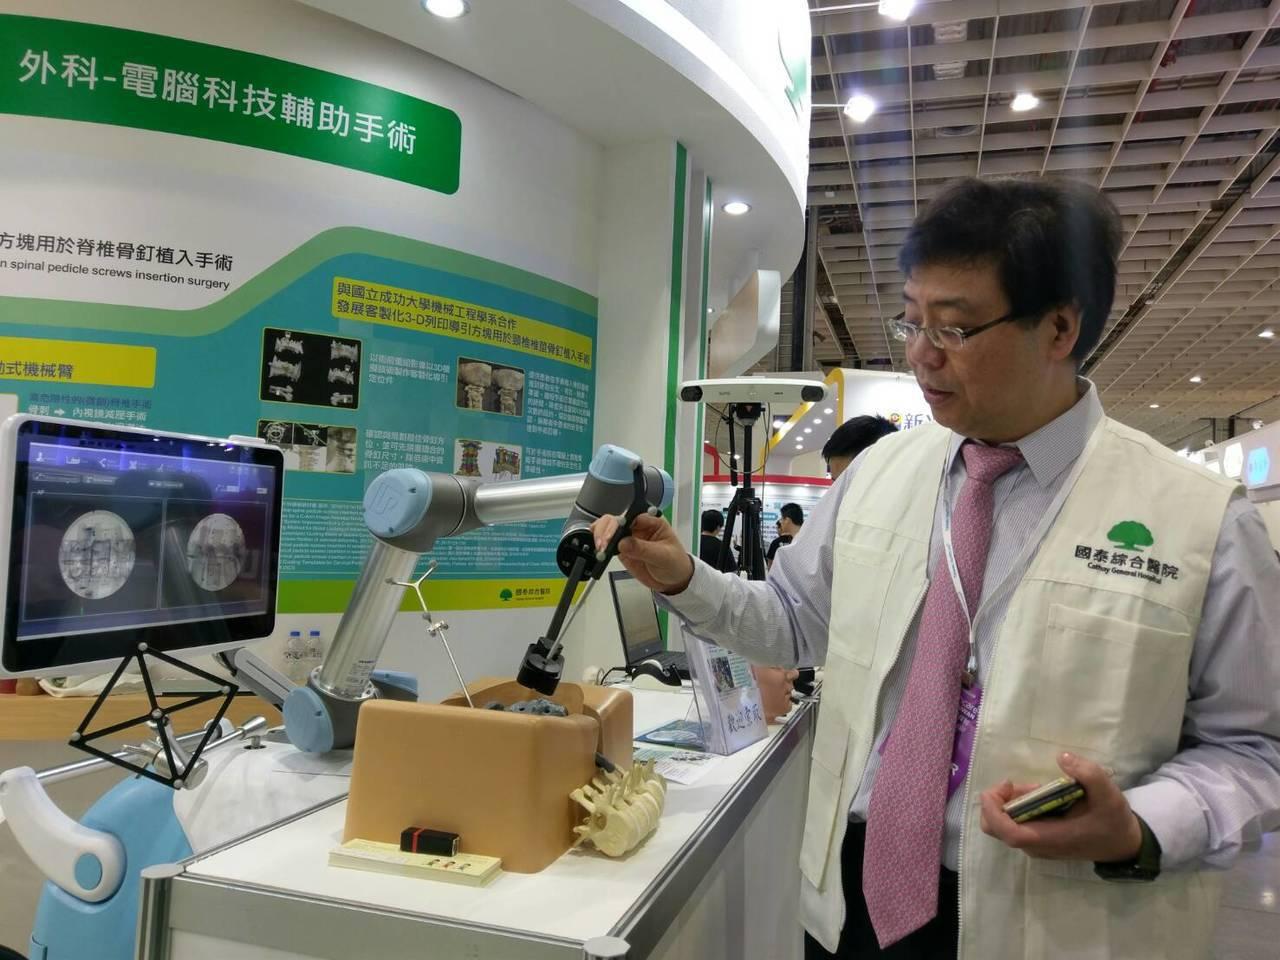 由國泰醫院神經外科主治醫師張志儒(圖)介紹協助頸椎椎莖骨釘植入手術的新技術「C型...